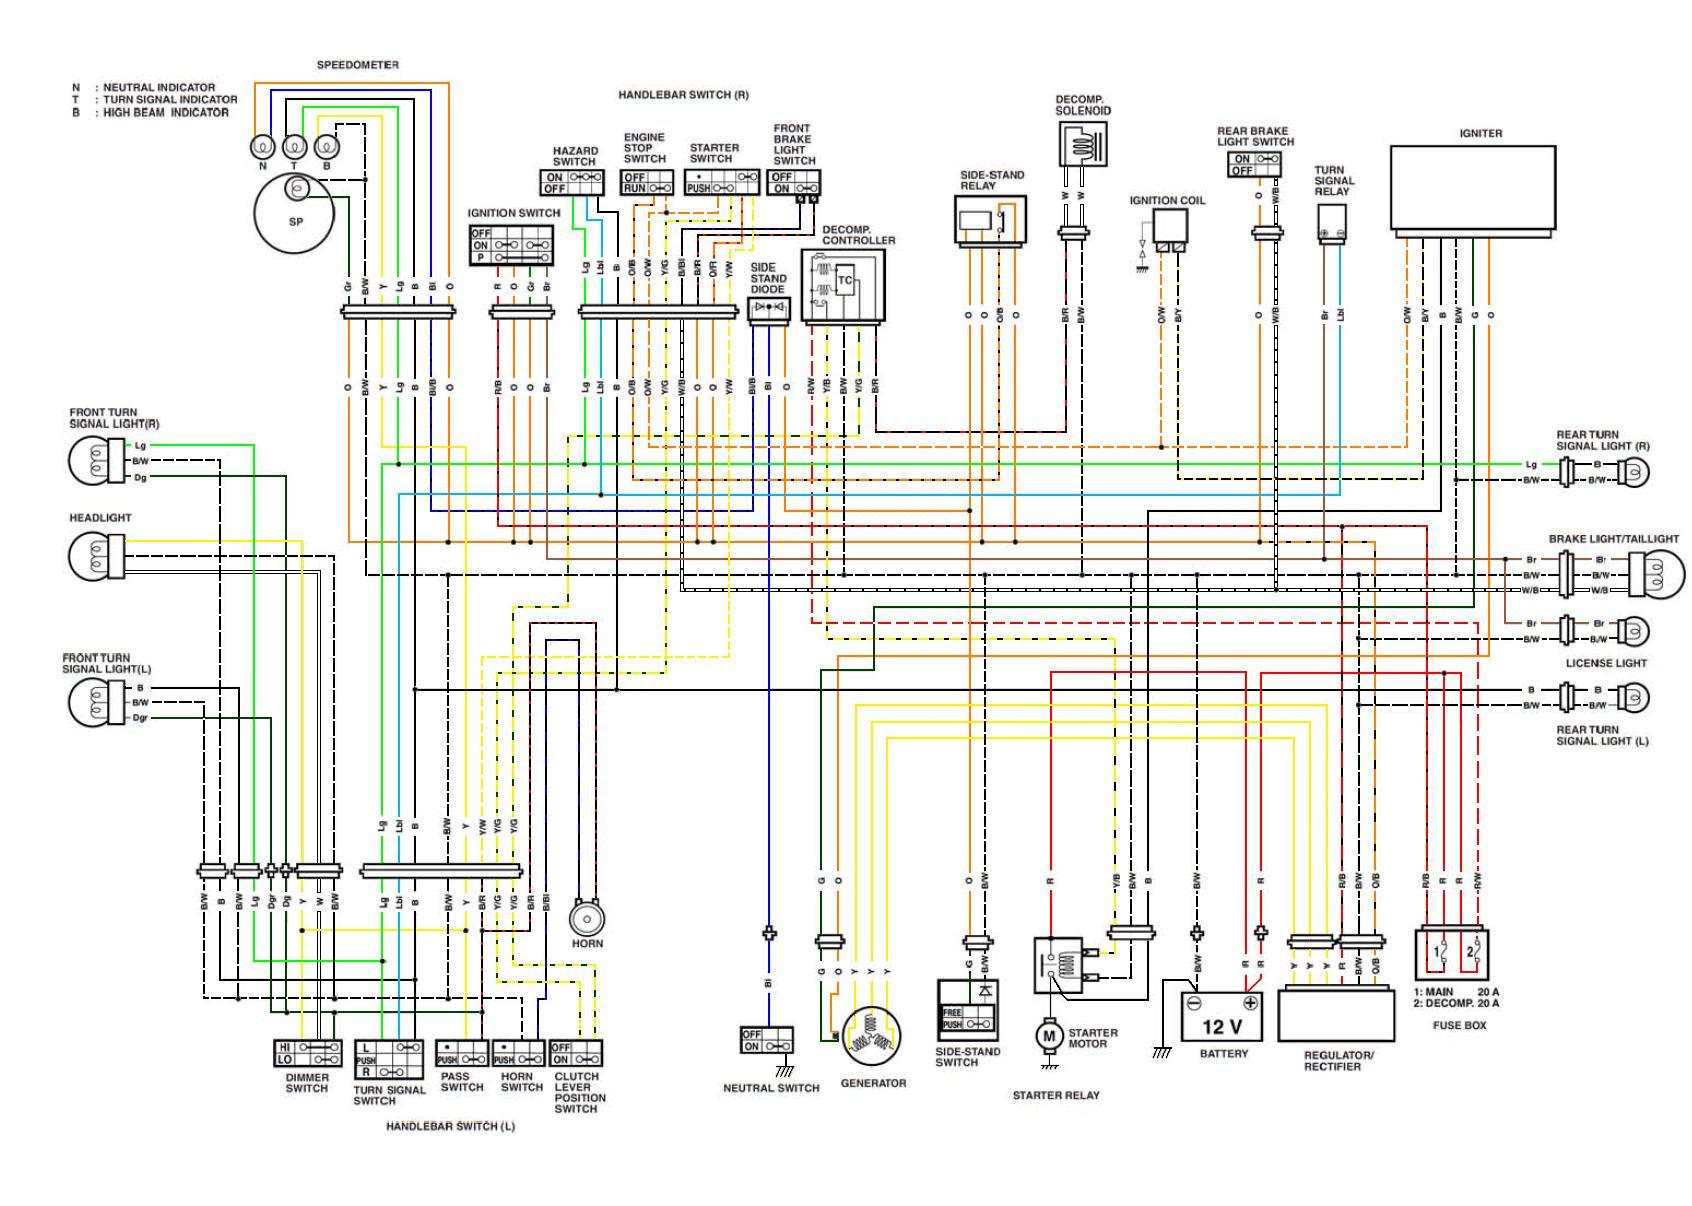 2003 Harley Davidson Road King Wiring Diagram Wiring Diagram User User Emilia Fise It